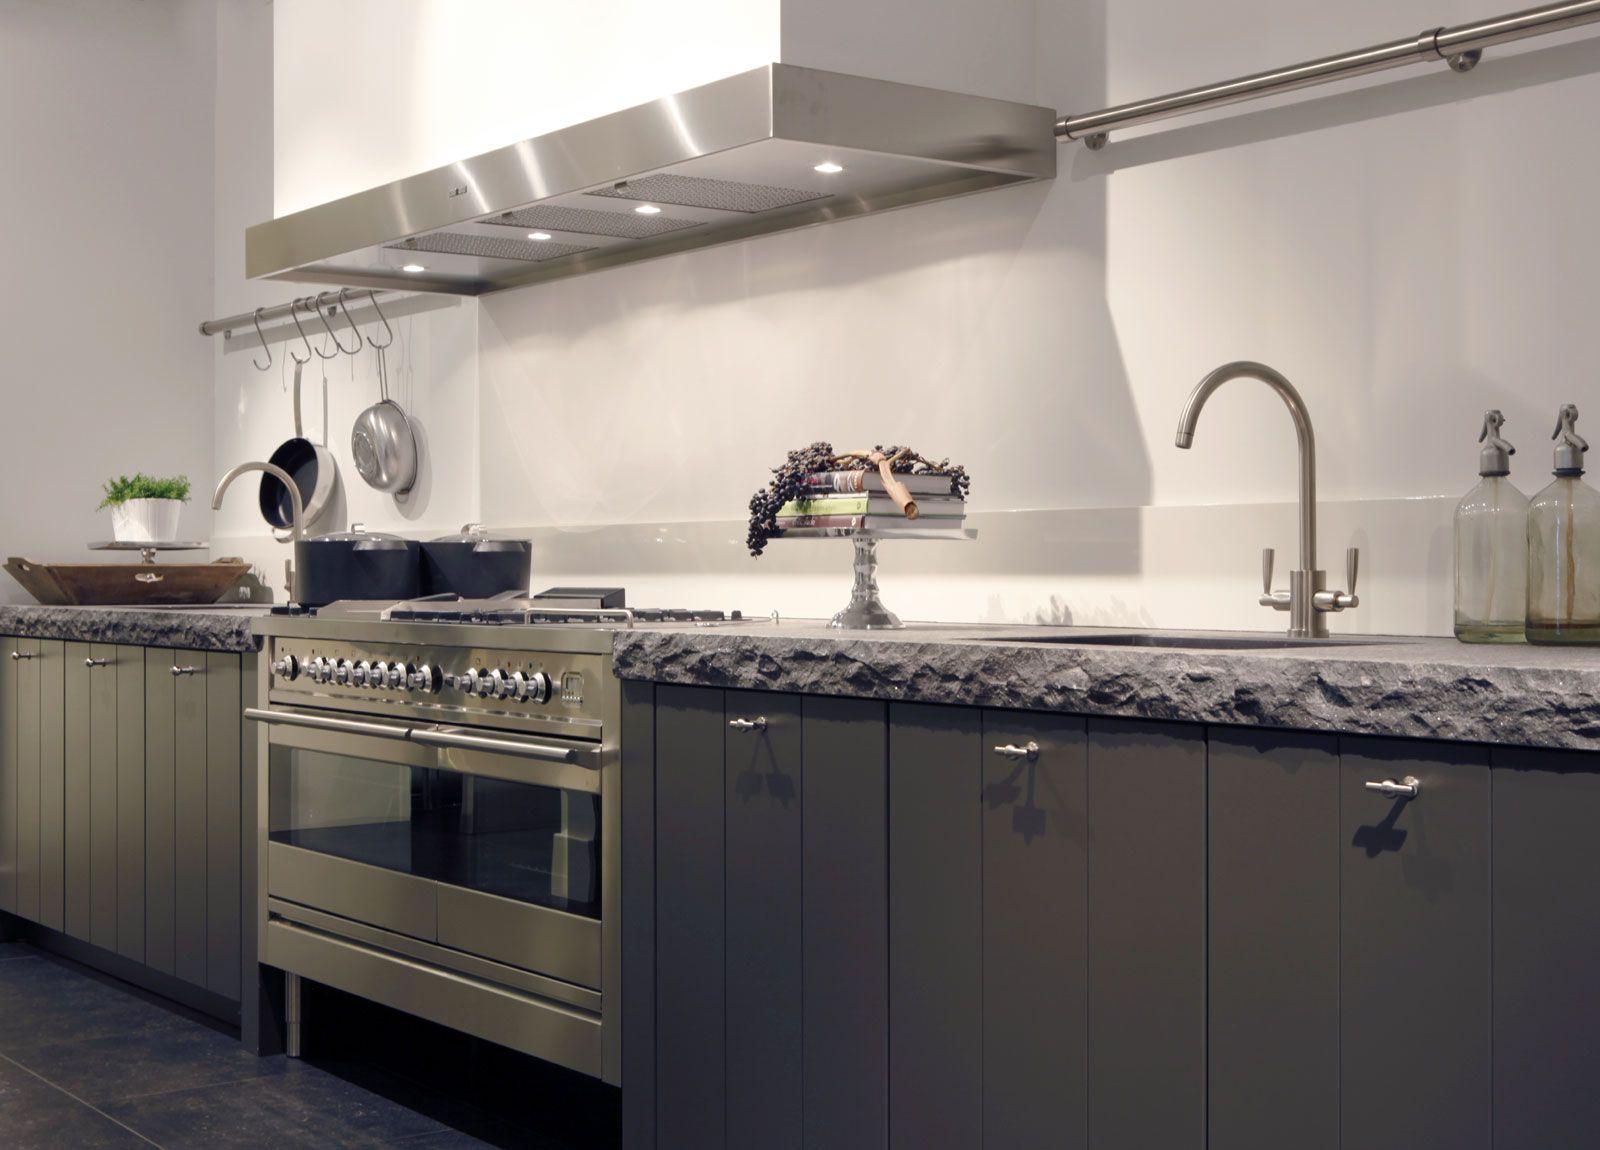 Keuken Van Antraciet : Landelijke keuken in antraciet woon ideeen keuken keuken